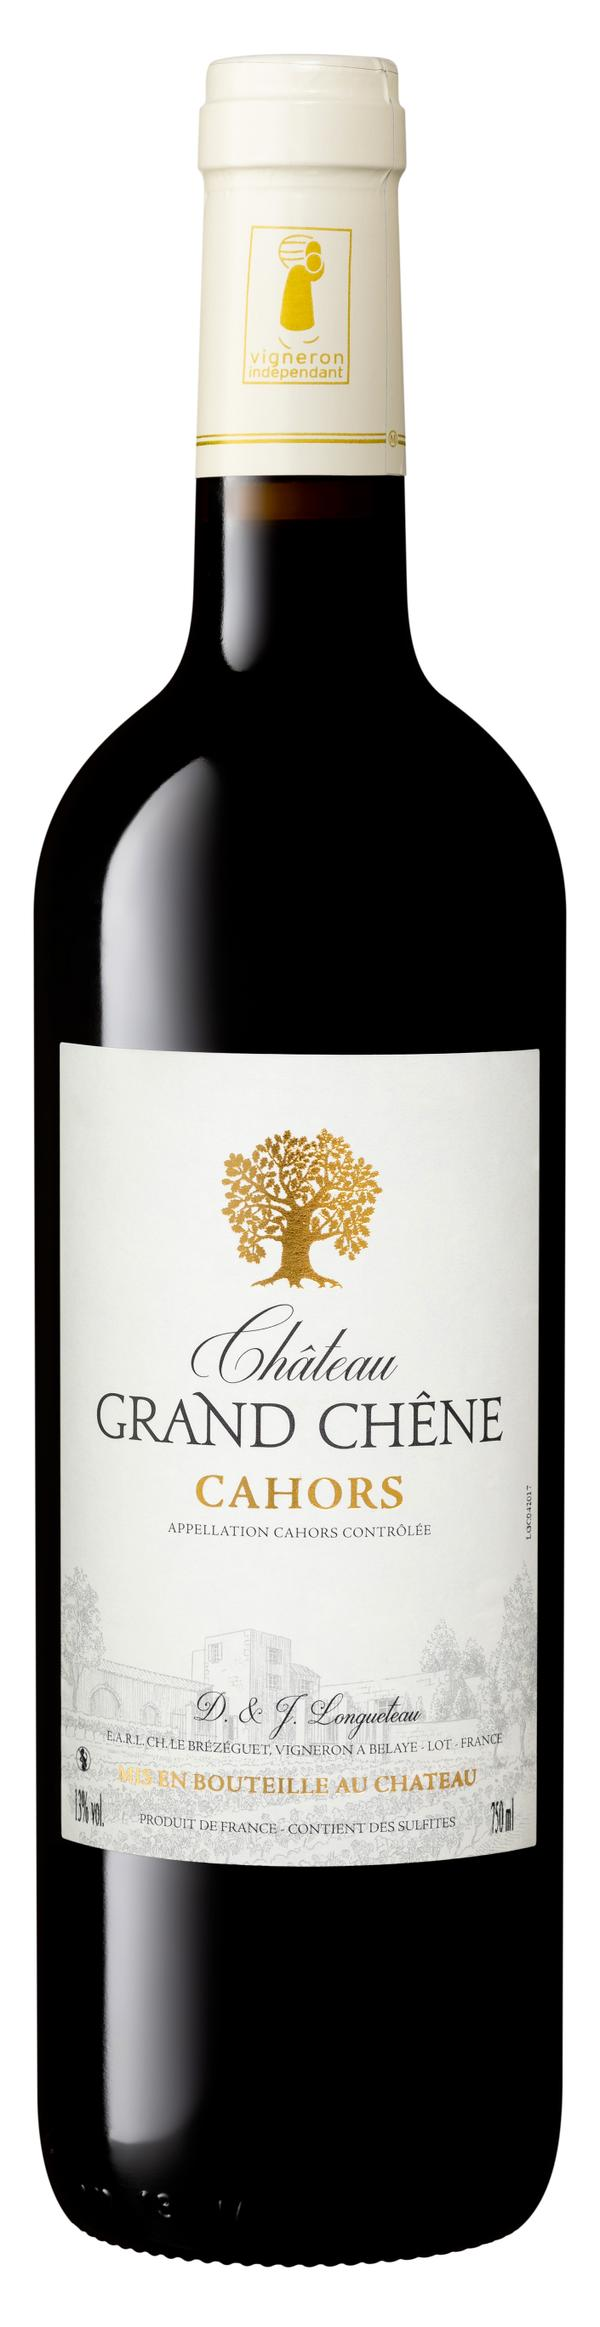 Château Grand Chêne 2018 vin rouge AOP Cahors 75 cl